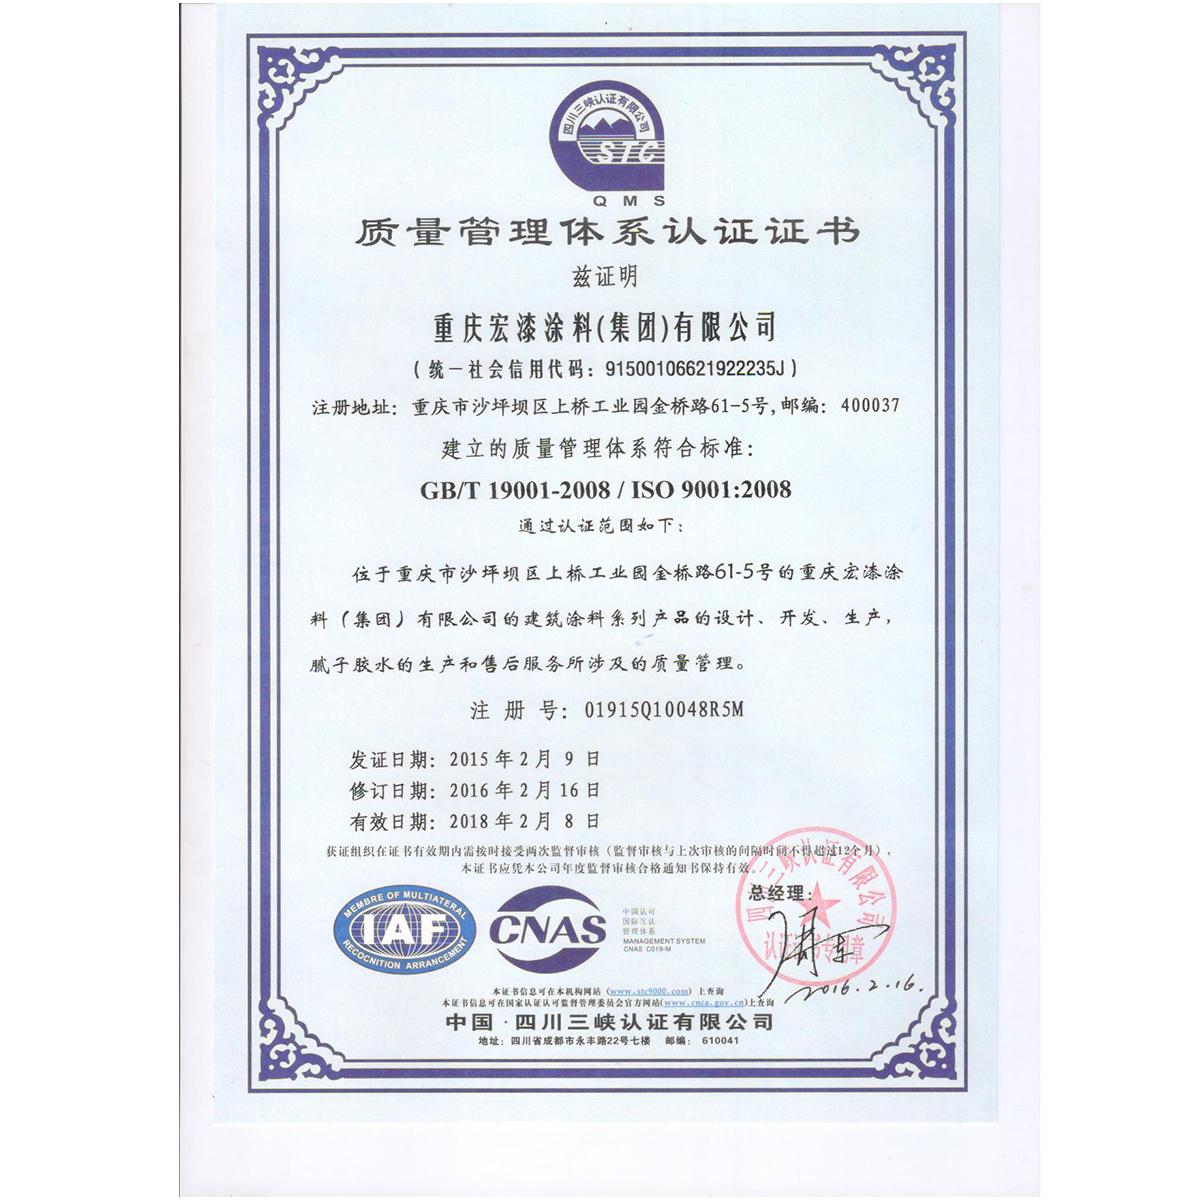 9001体系证书